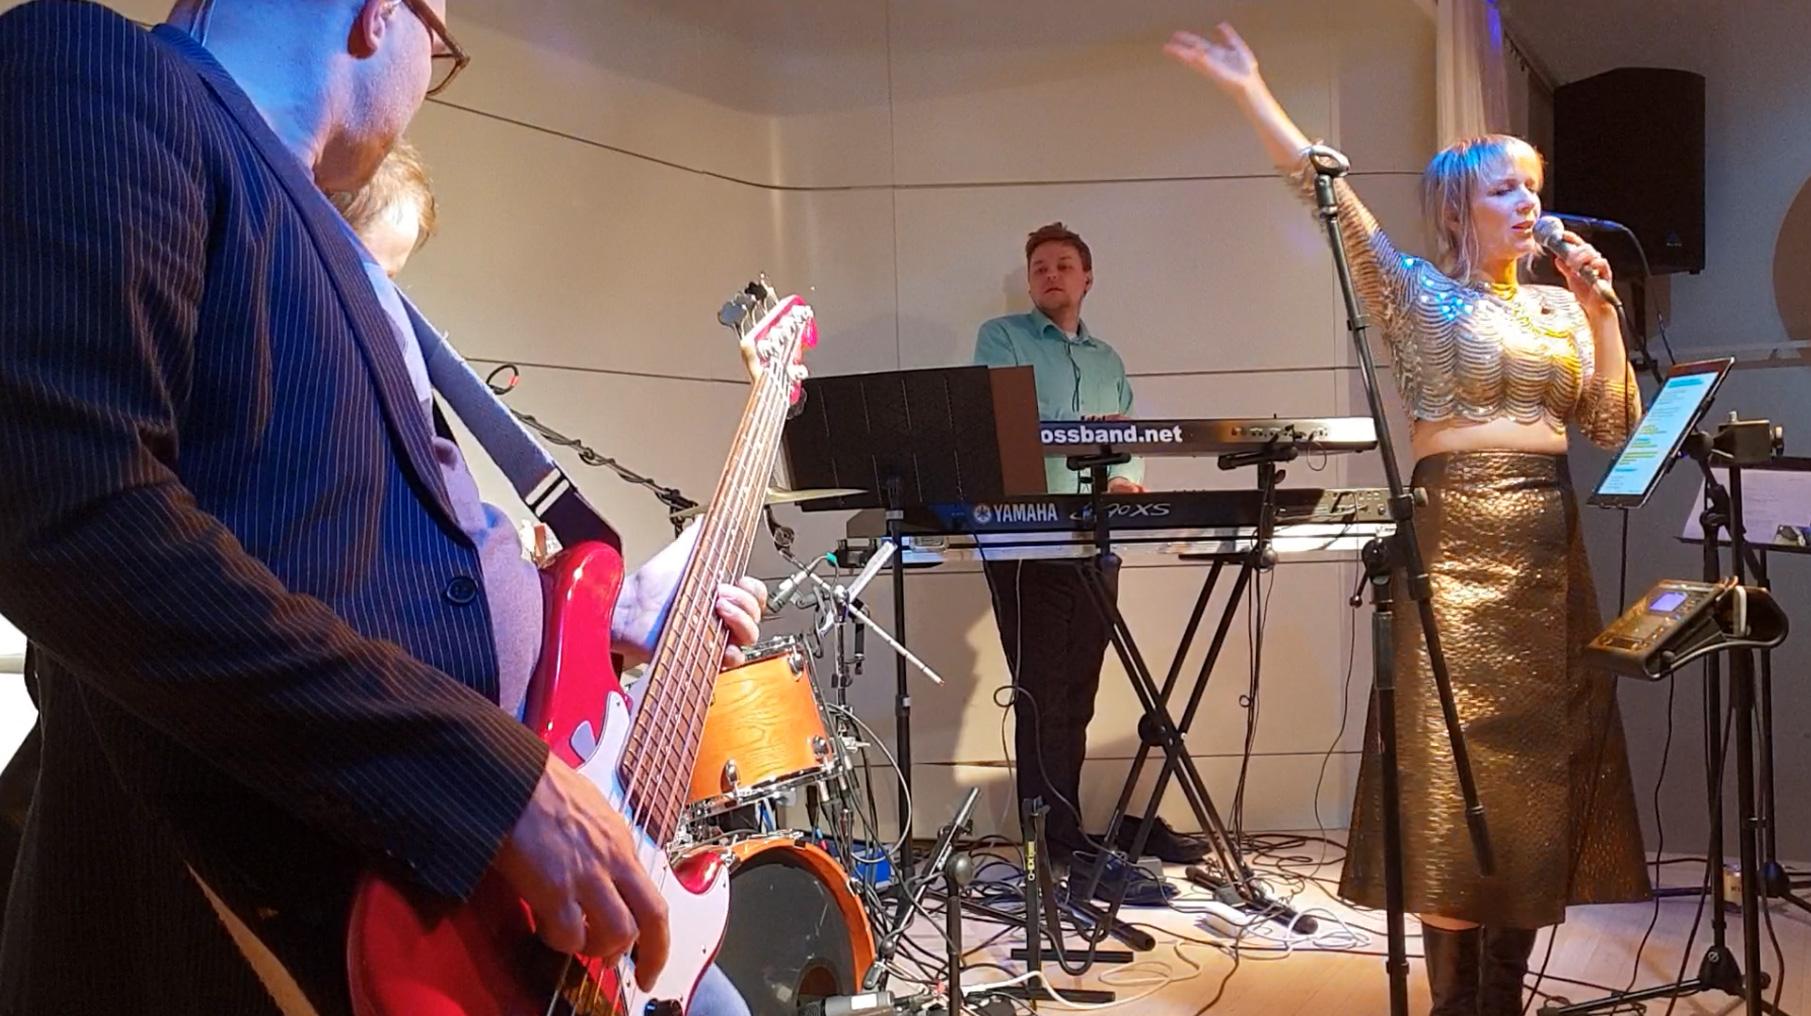 Basisti ja kitaristi jammailevat etualalla